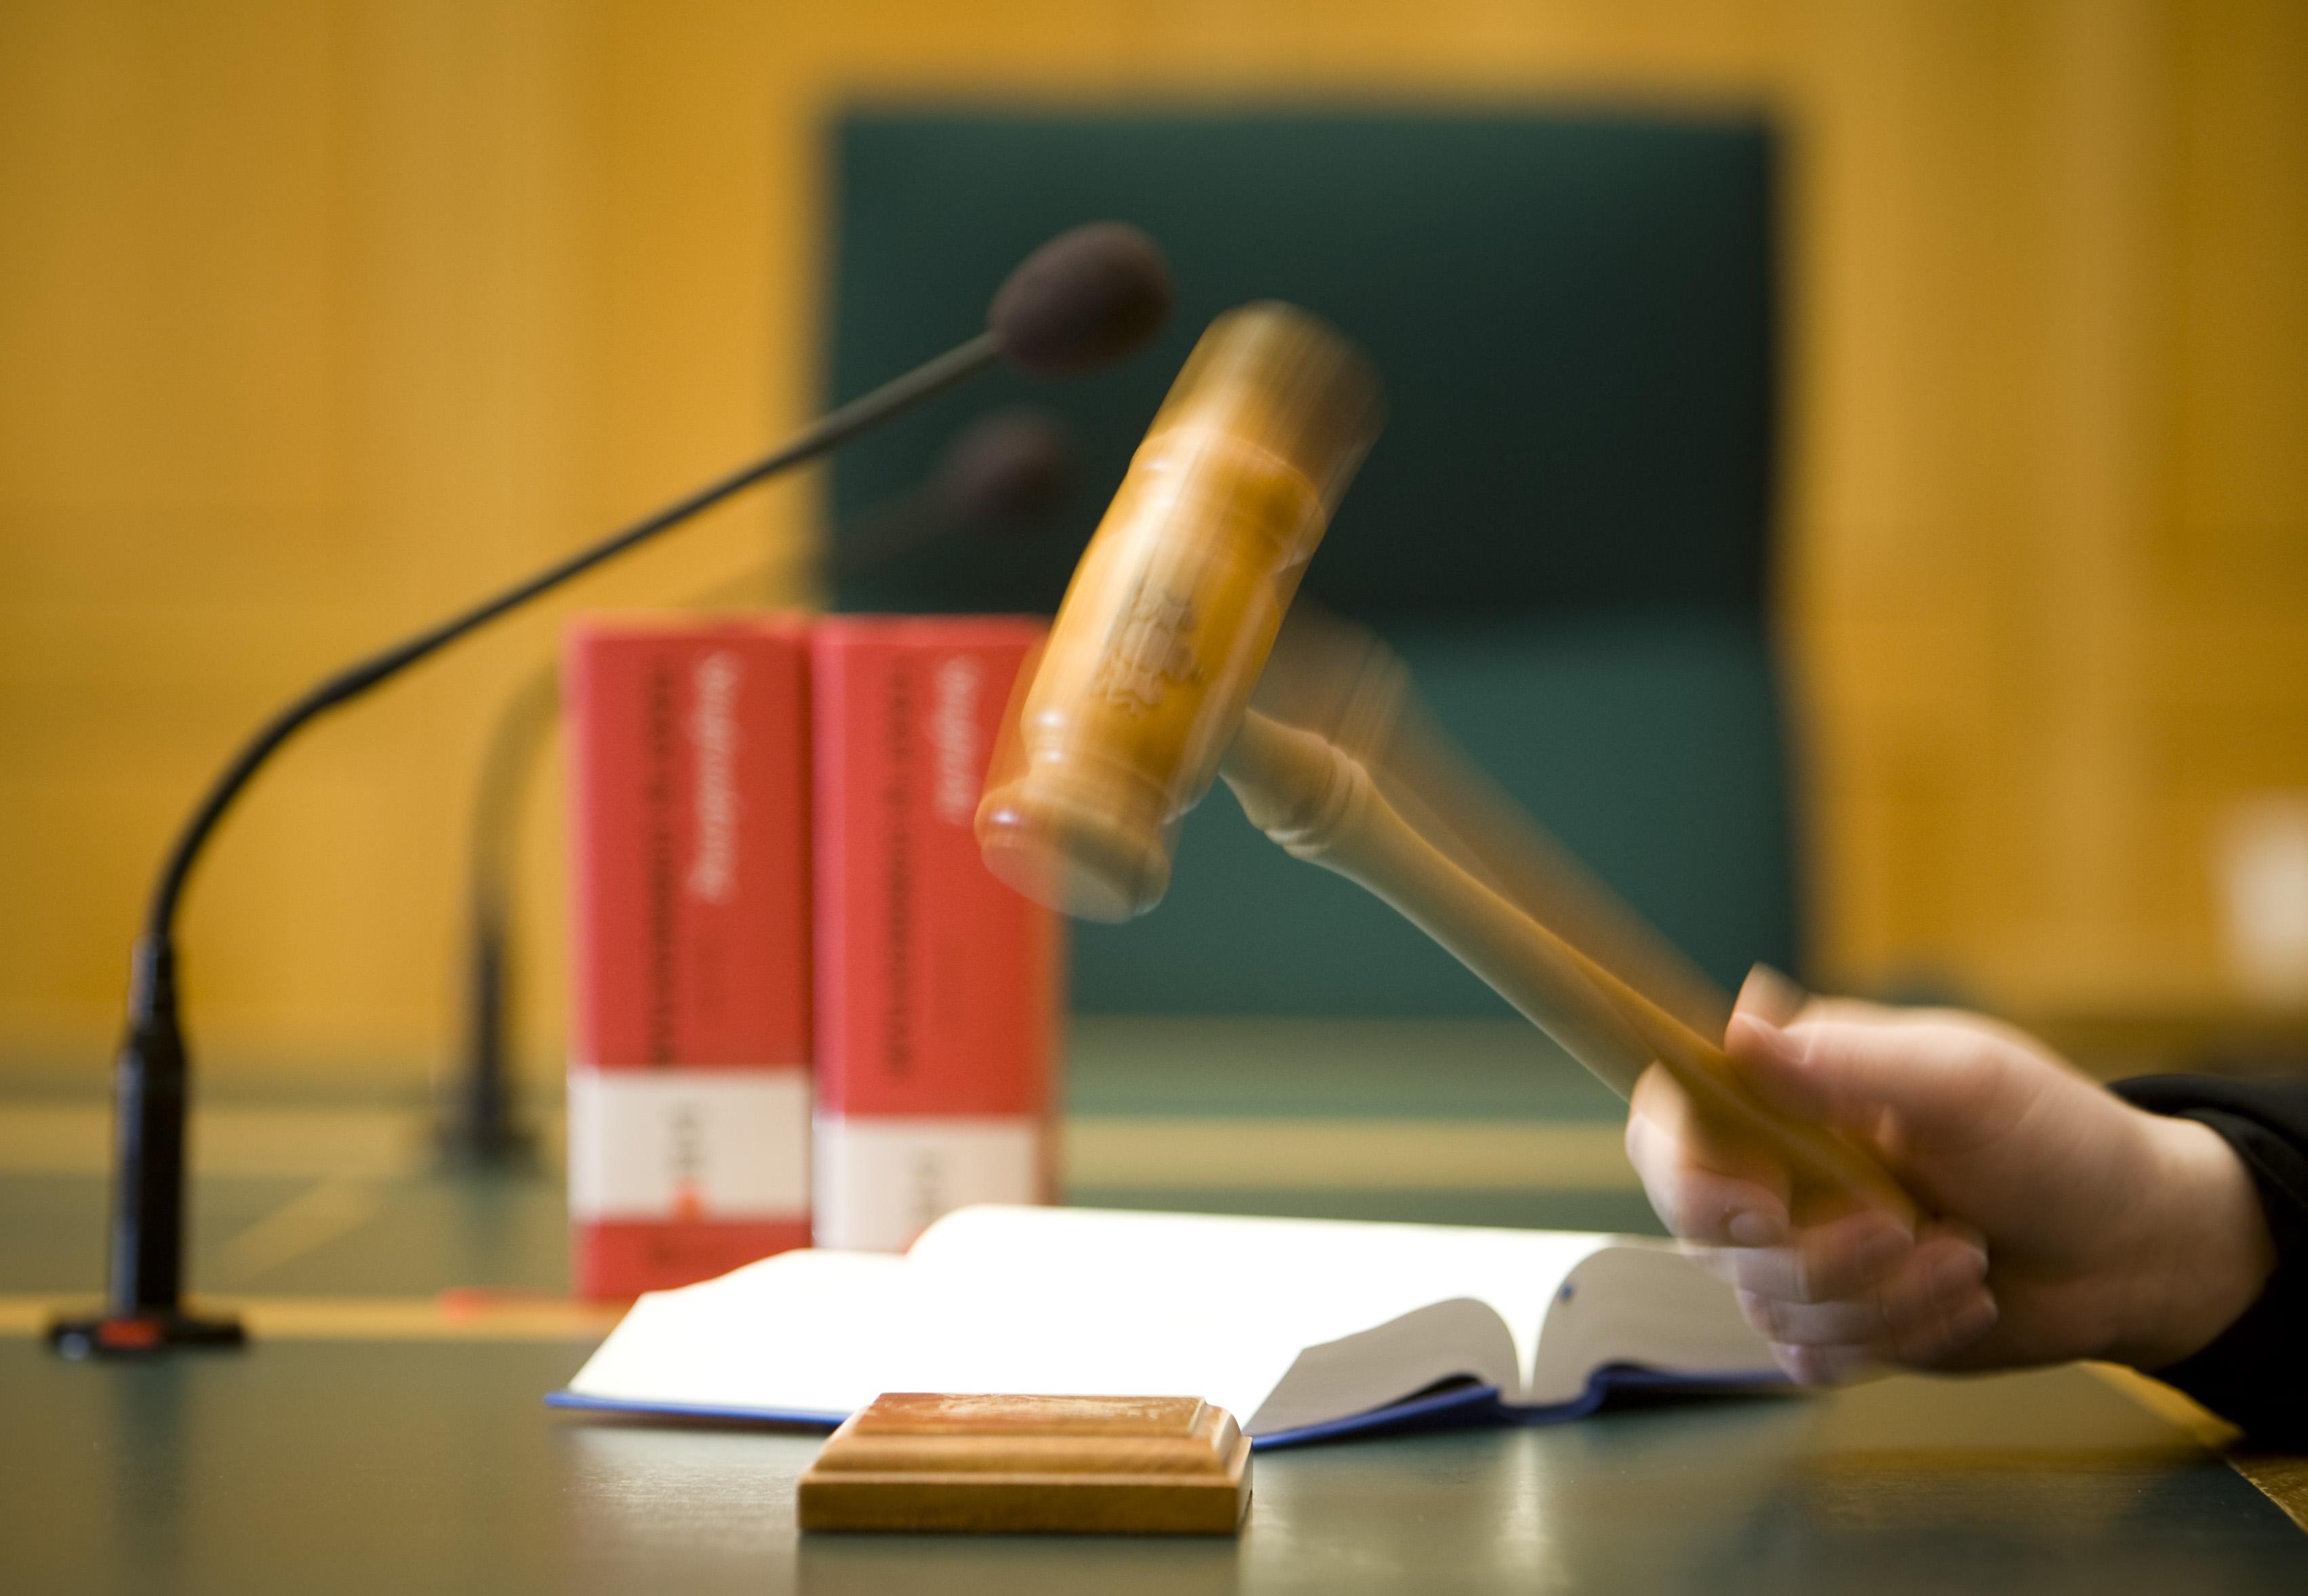 Celstraf voor oud-penningmeester van Soester kerk die 131.000 euro verduisterde voor 'sugar babies' en om zijn afpersers te betalen